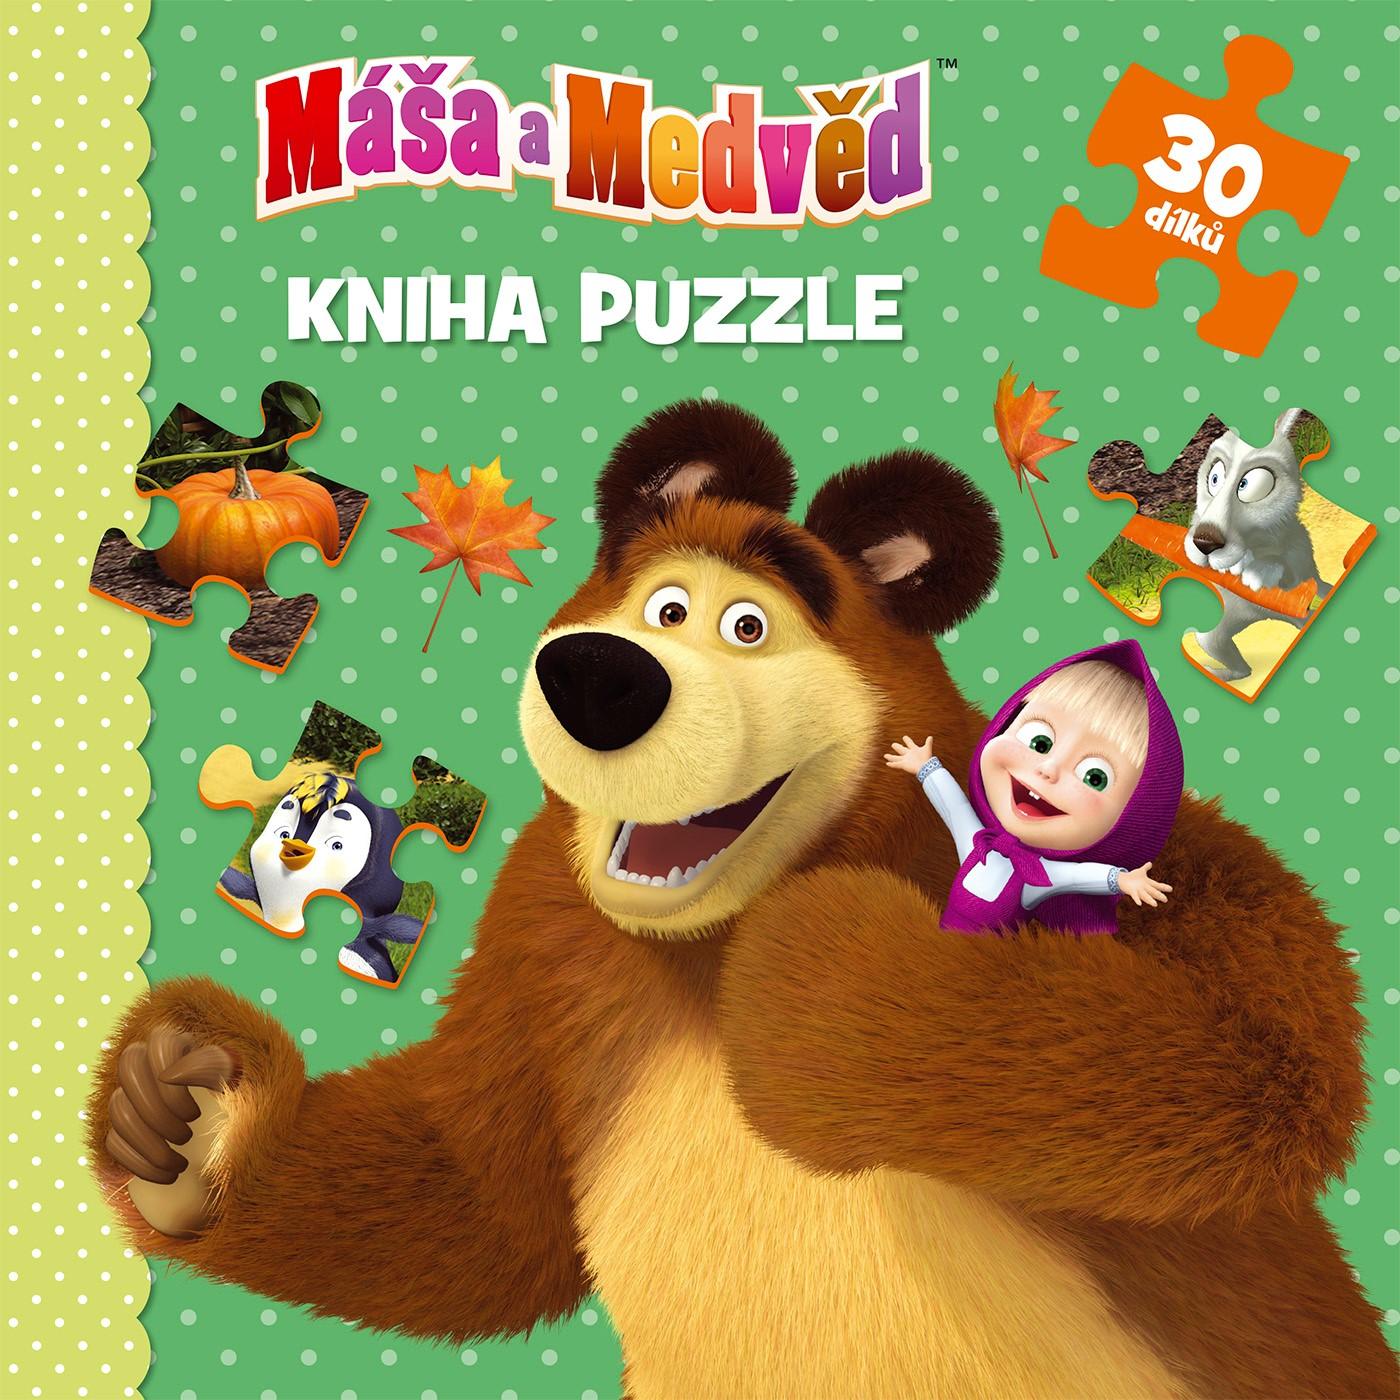 Máša a Medvěd - Kniha puzzle 30 dílků |